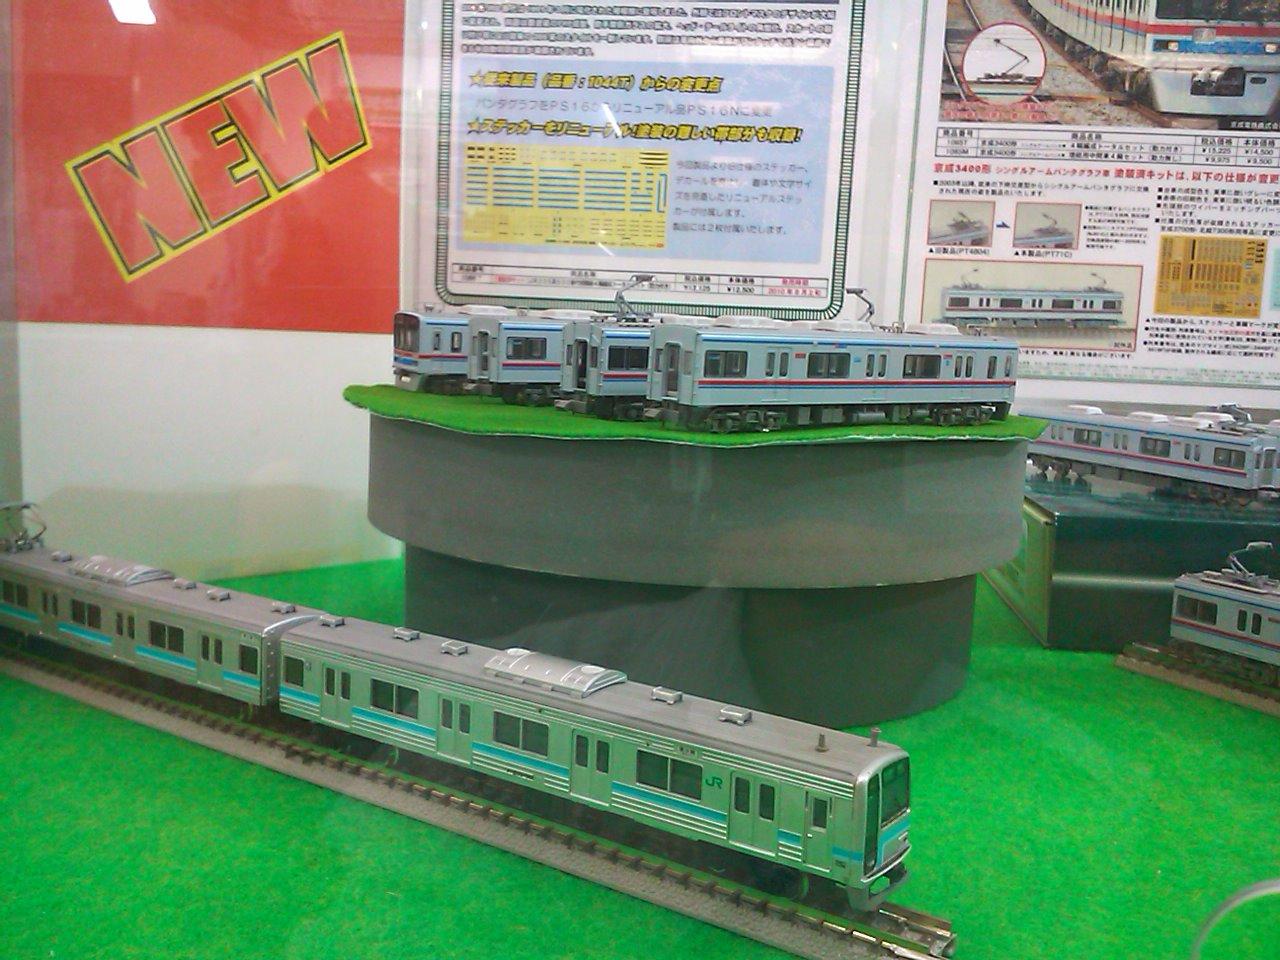 Sn3n0045